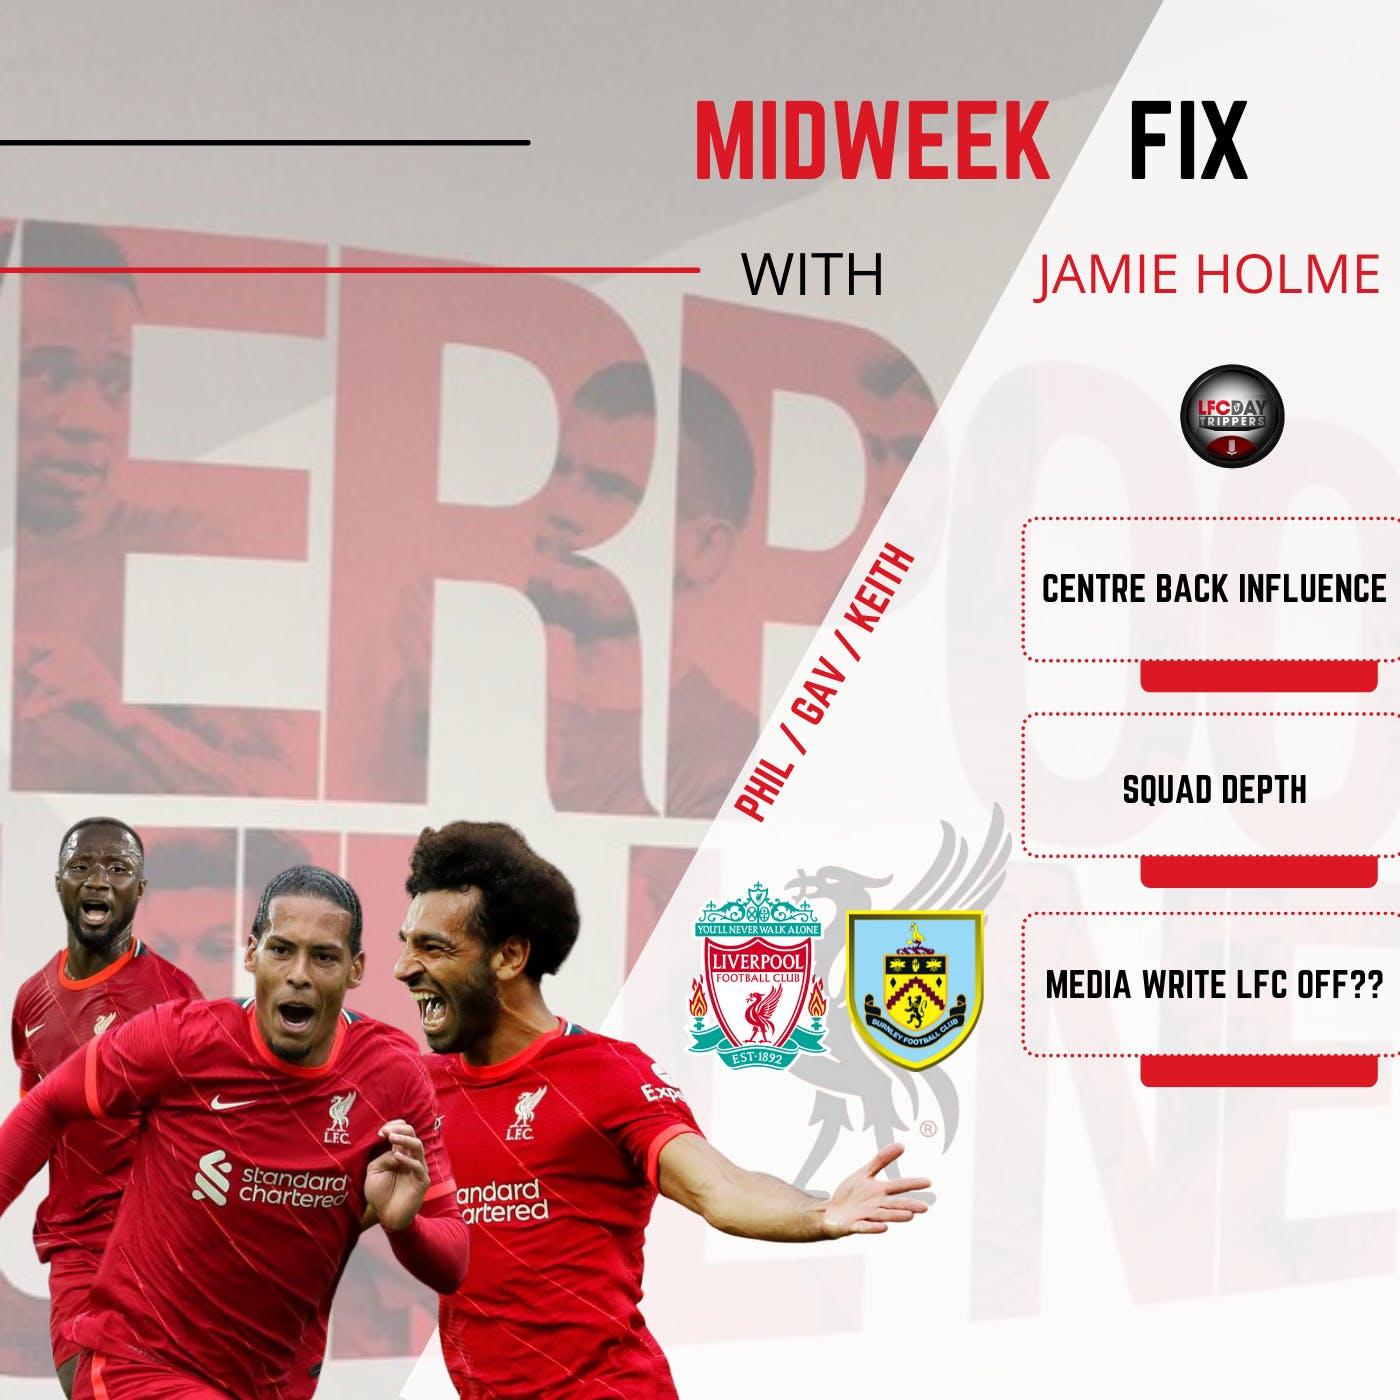 Mo Salah Liverpool Deal | The Midweek Fix